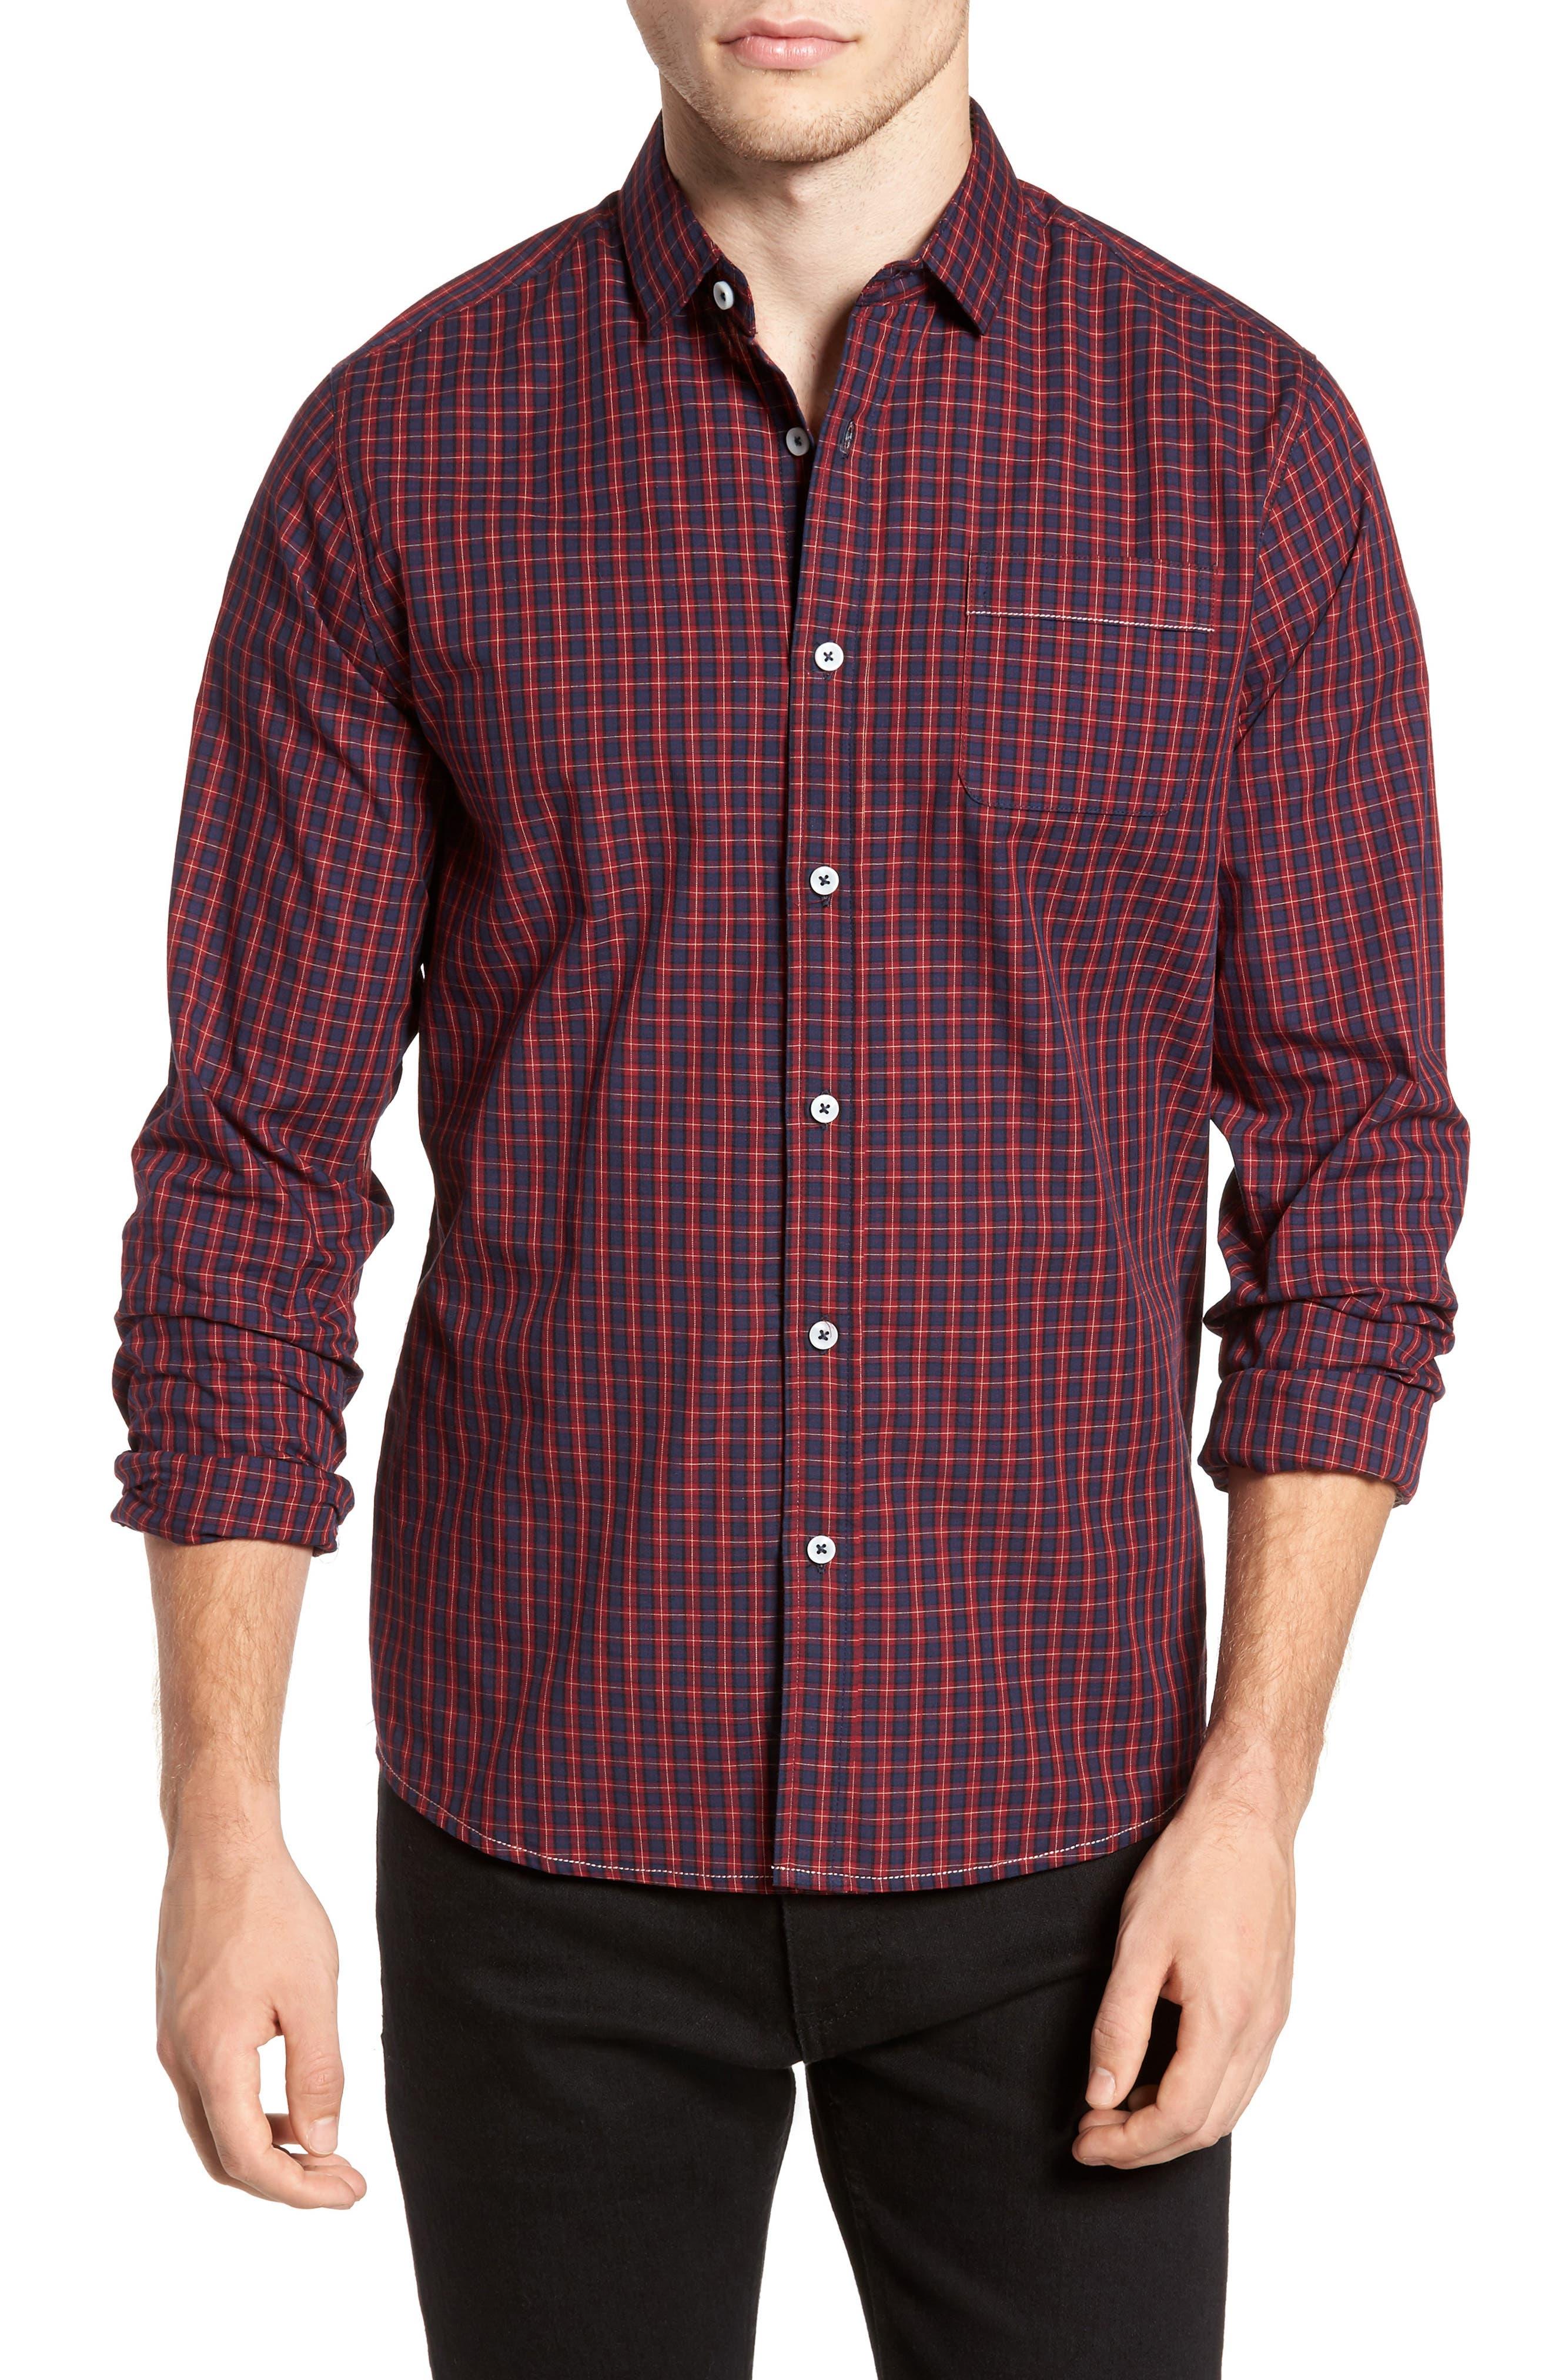 Tinto Plaid Woven Shirt,                         Main,                         color, 600